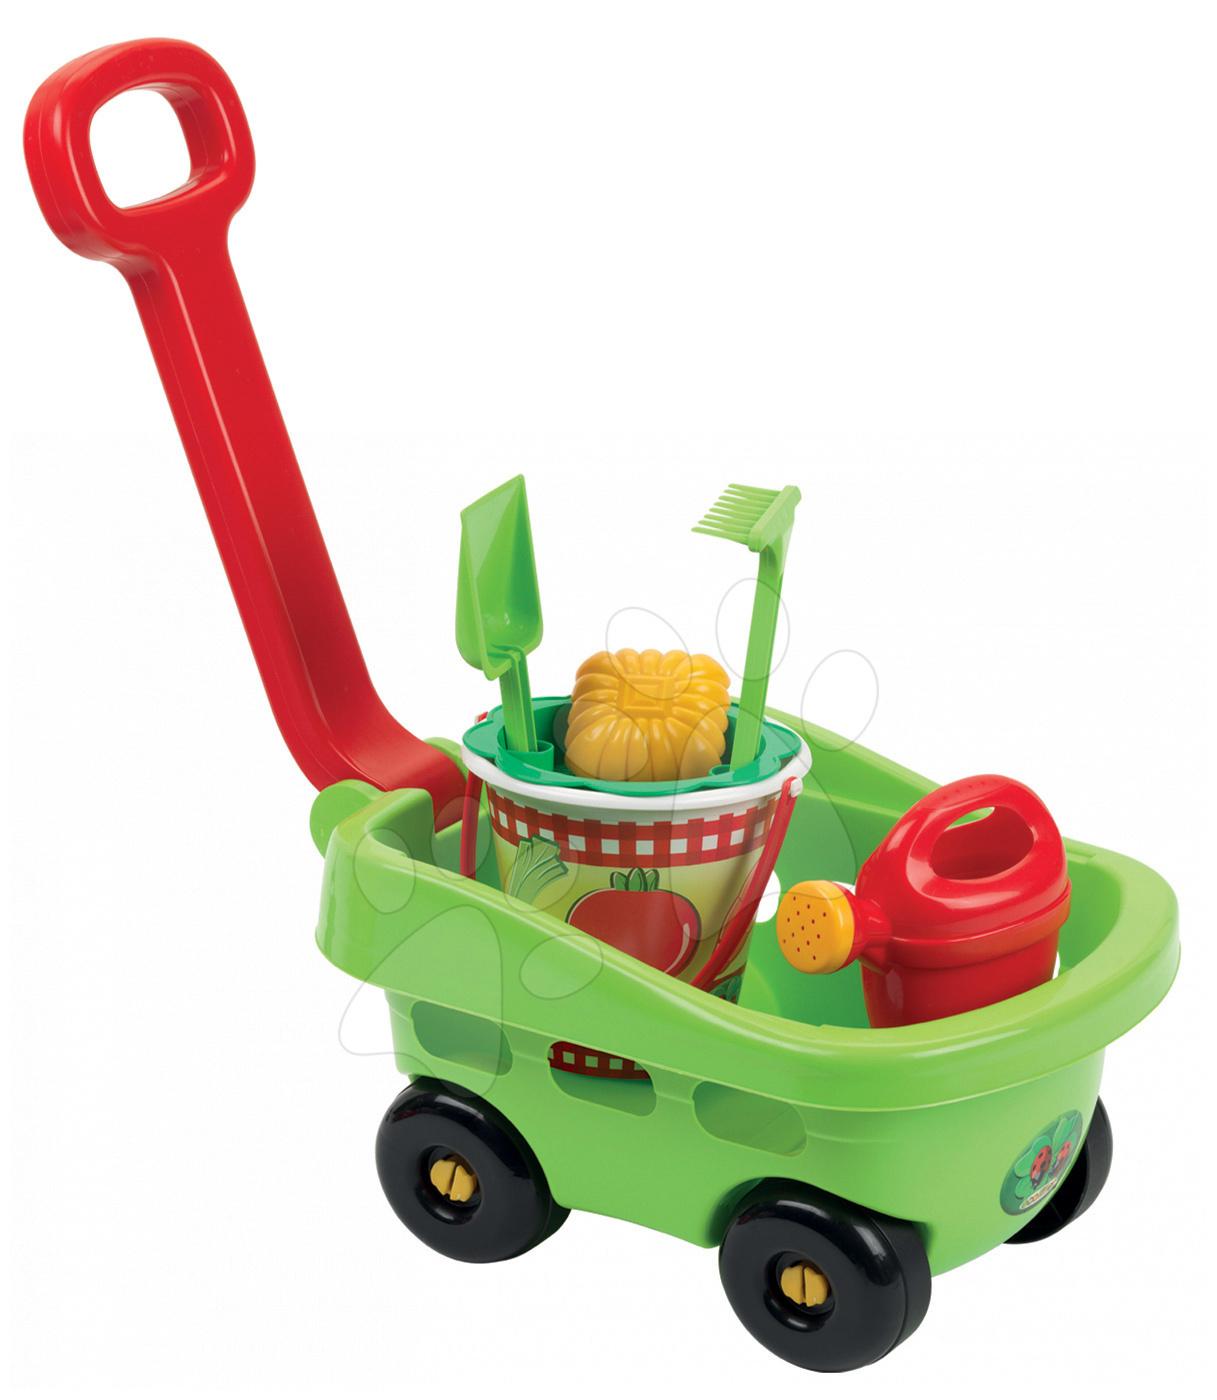 Kolečka do písku - Vozík s kbelík setem Picnic Écoiffier 6 dílů zelený od 18 měsíců